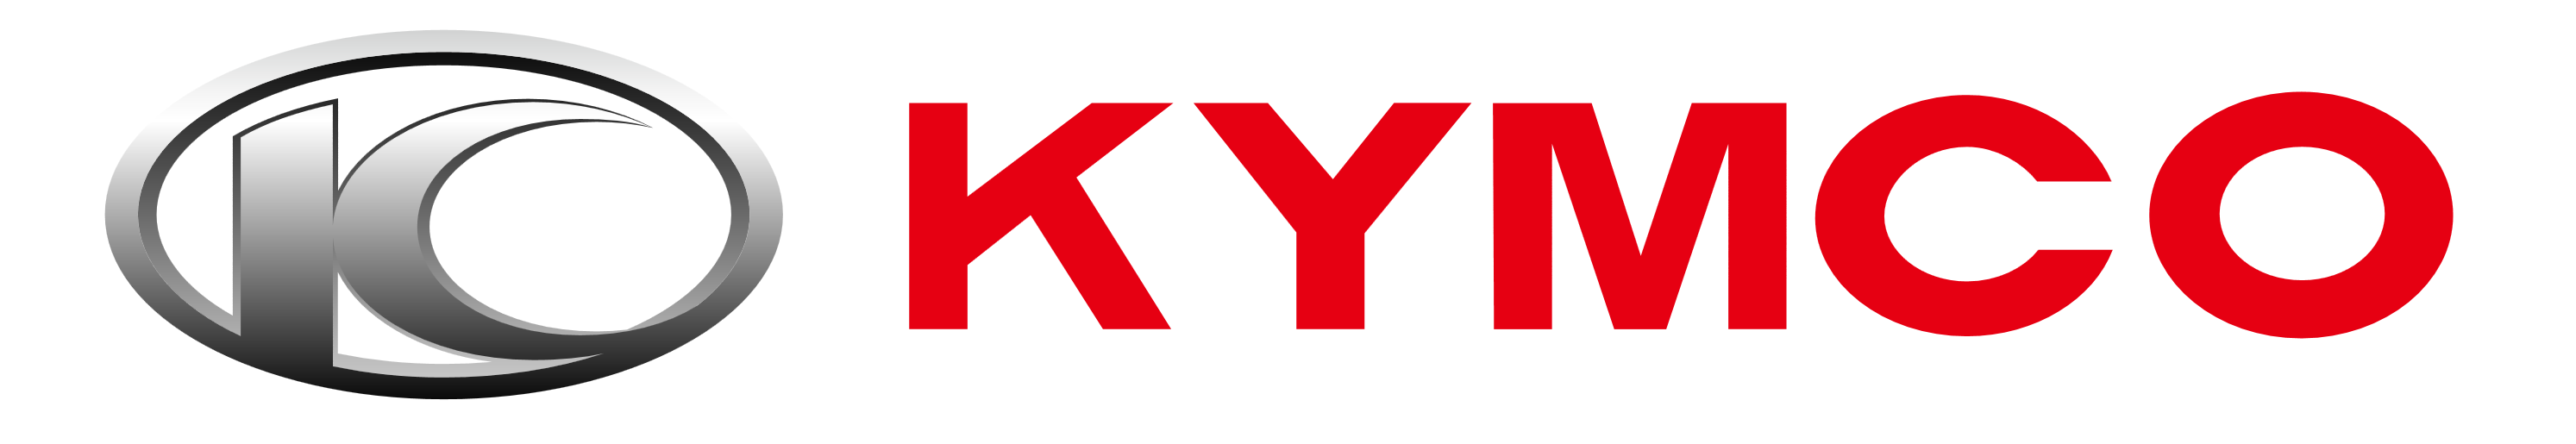 Kymco Canada